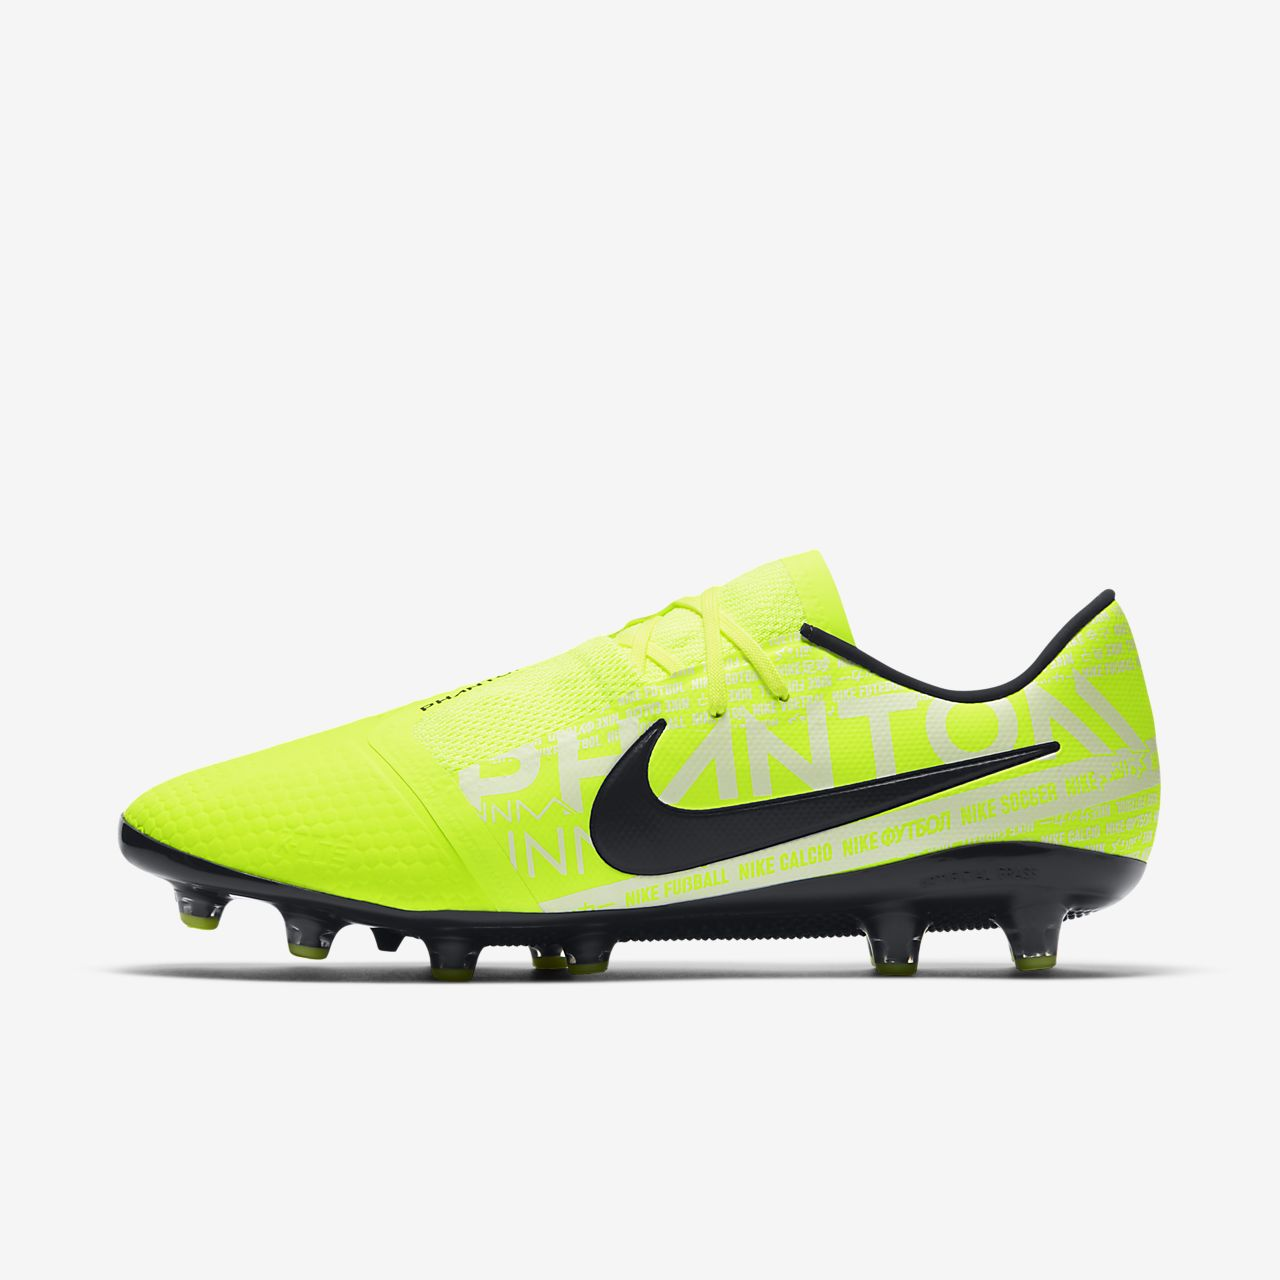 Calzado de fútbol para pasto artificial Nike Phantom Venom Pro AG-Pro